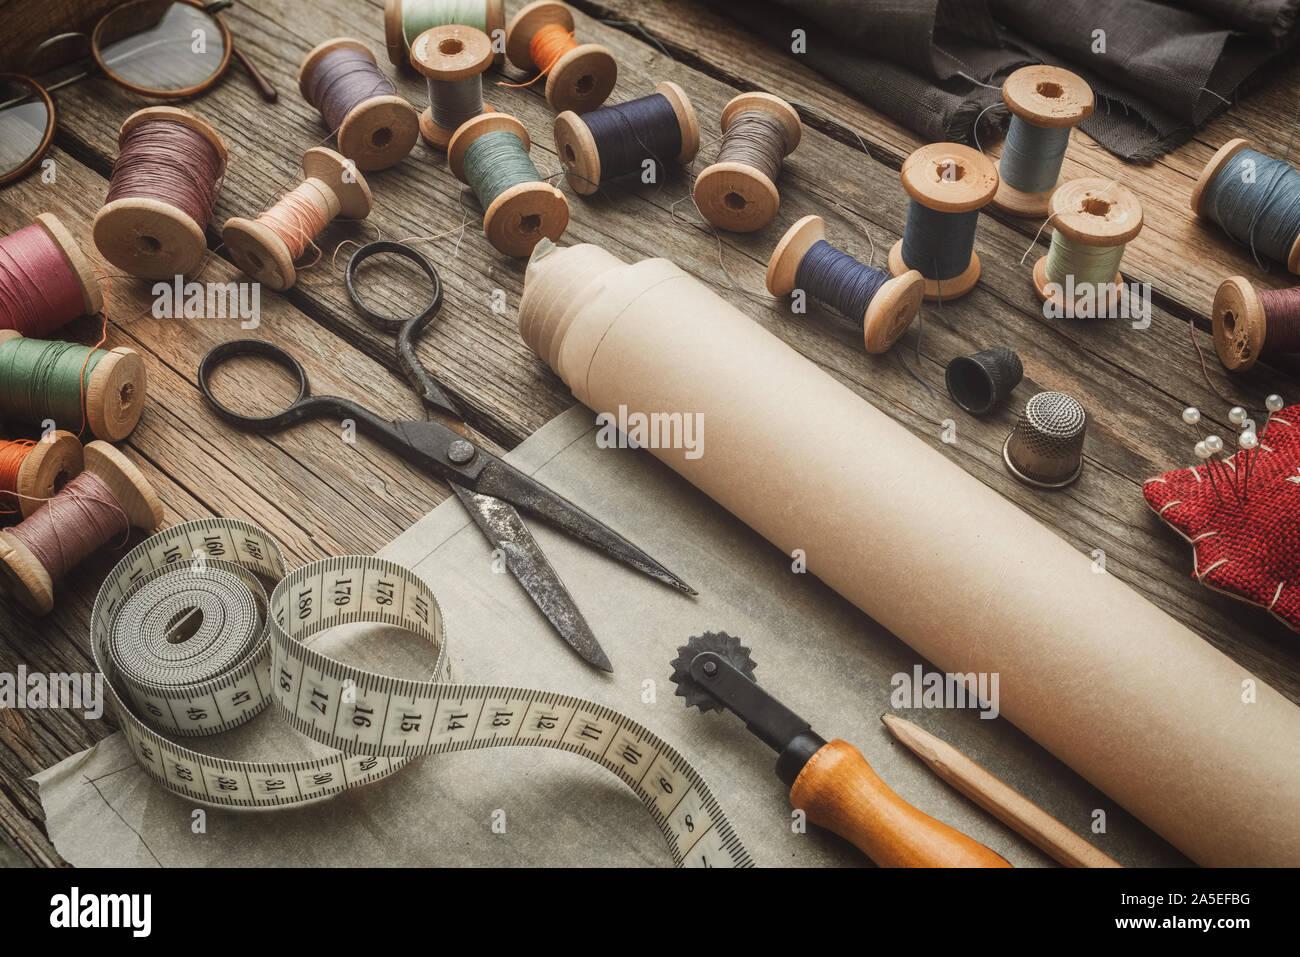 Elementos de costura: retro sastrería tijeras, cinta métrica, dedal de madera, bobinas de hilo, los patrones en papel, corte de cuchilla, cojín para incluyendo los polos Foto de stock